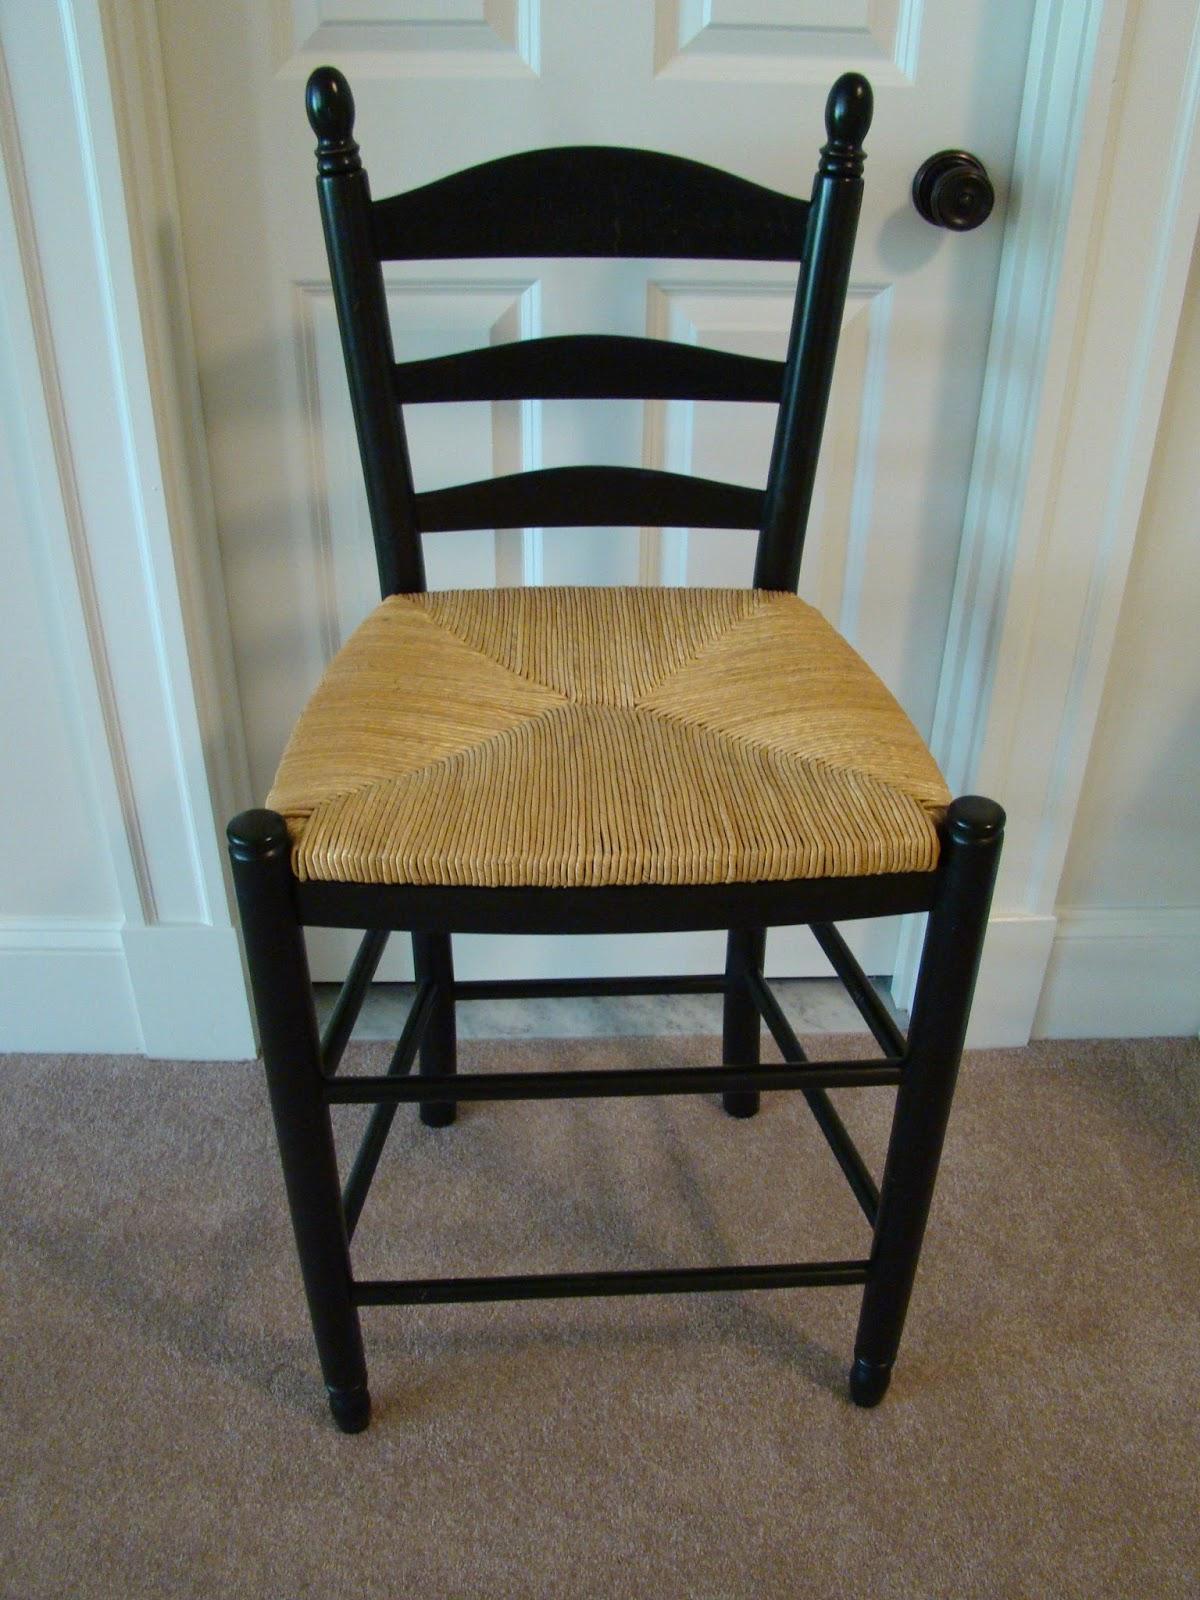 ll bean chairs swing chair riyadh view from my heels virtual yard sale